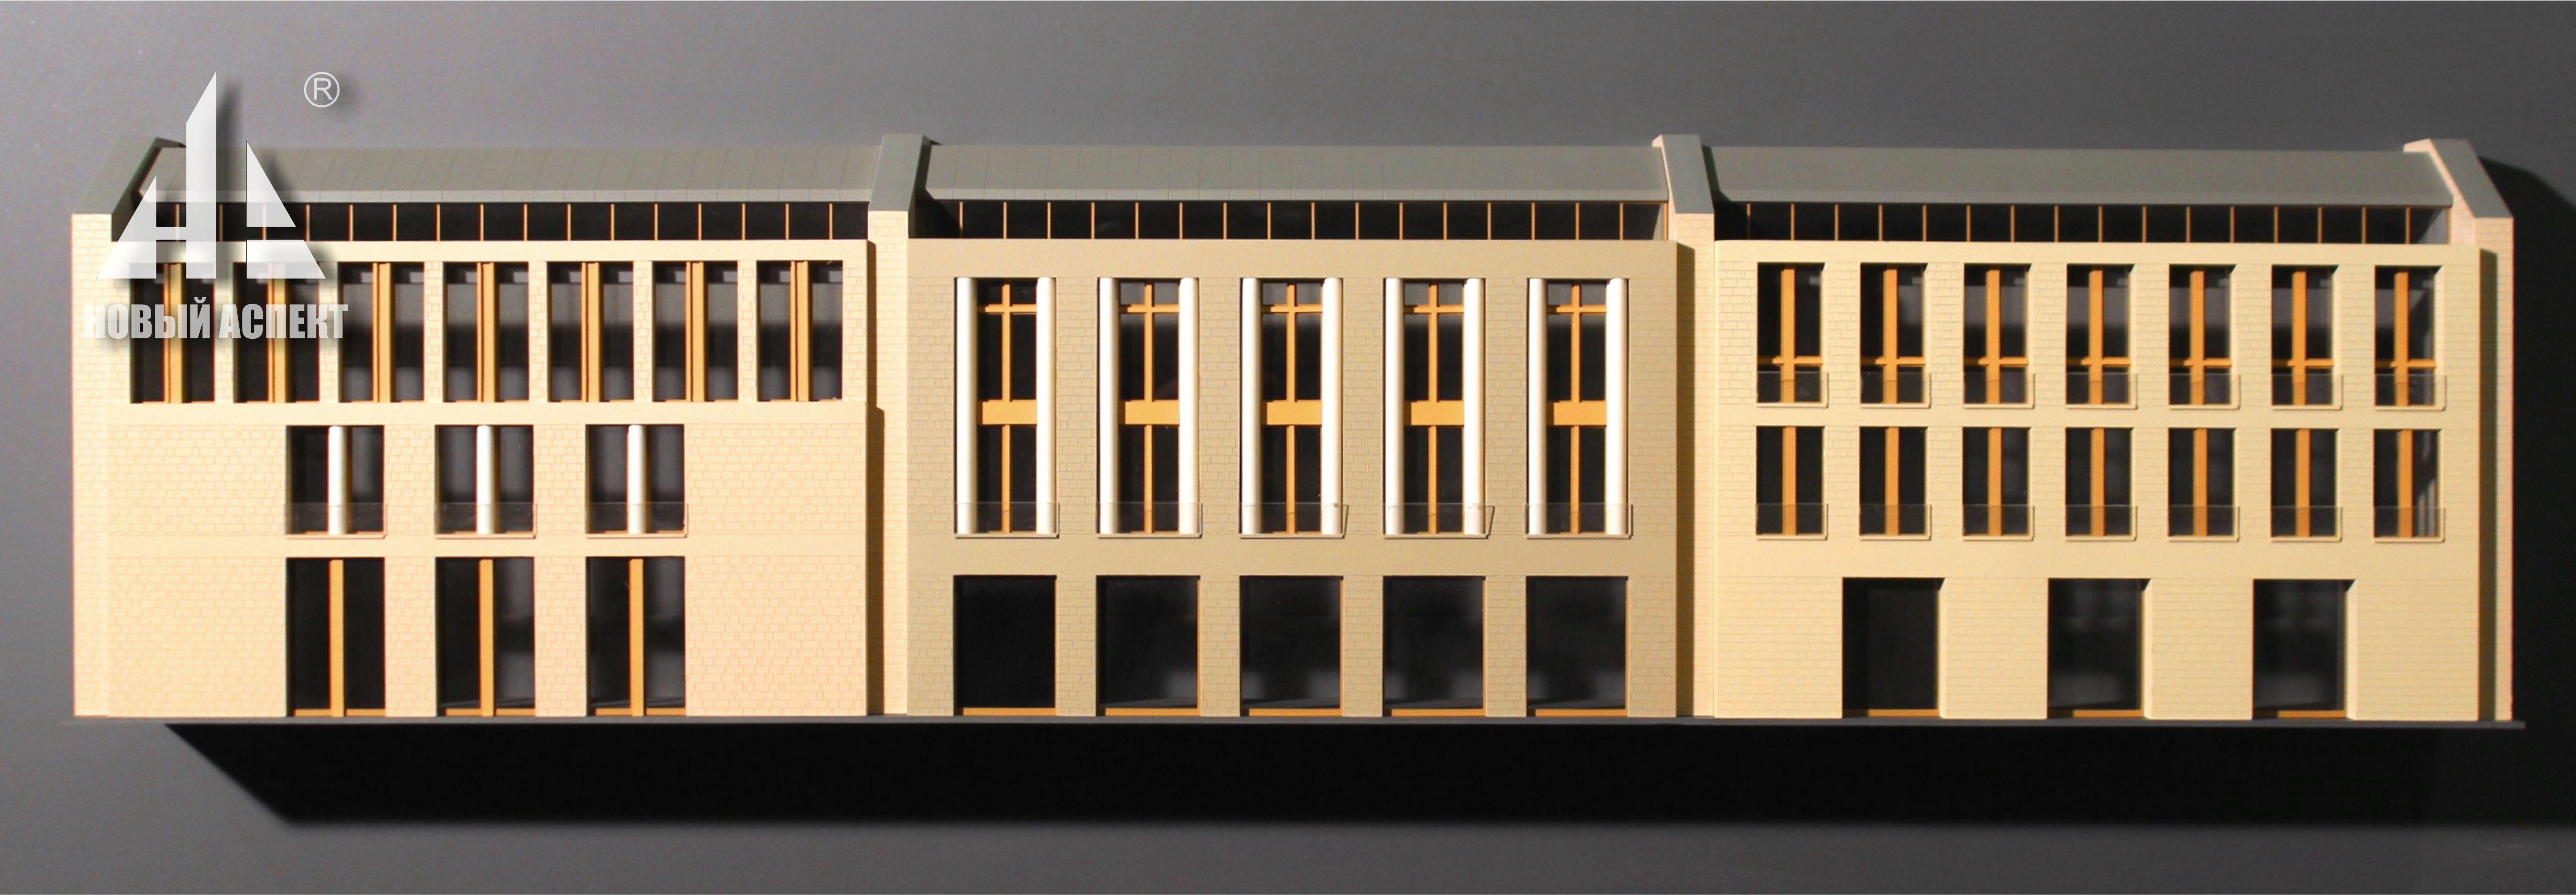 КДЦ фасады